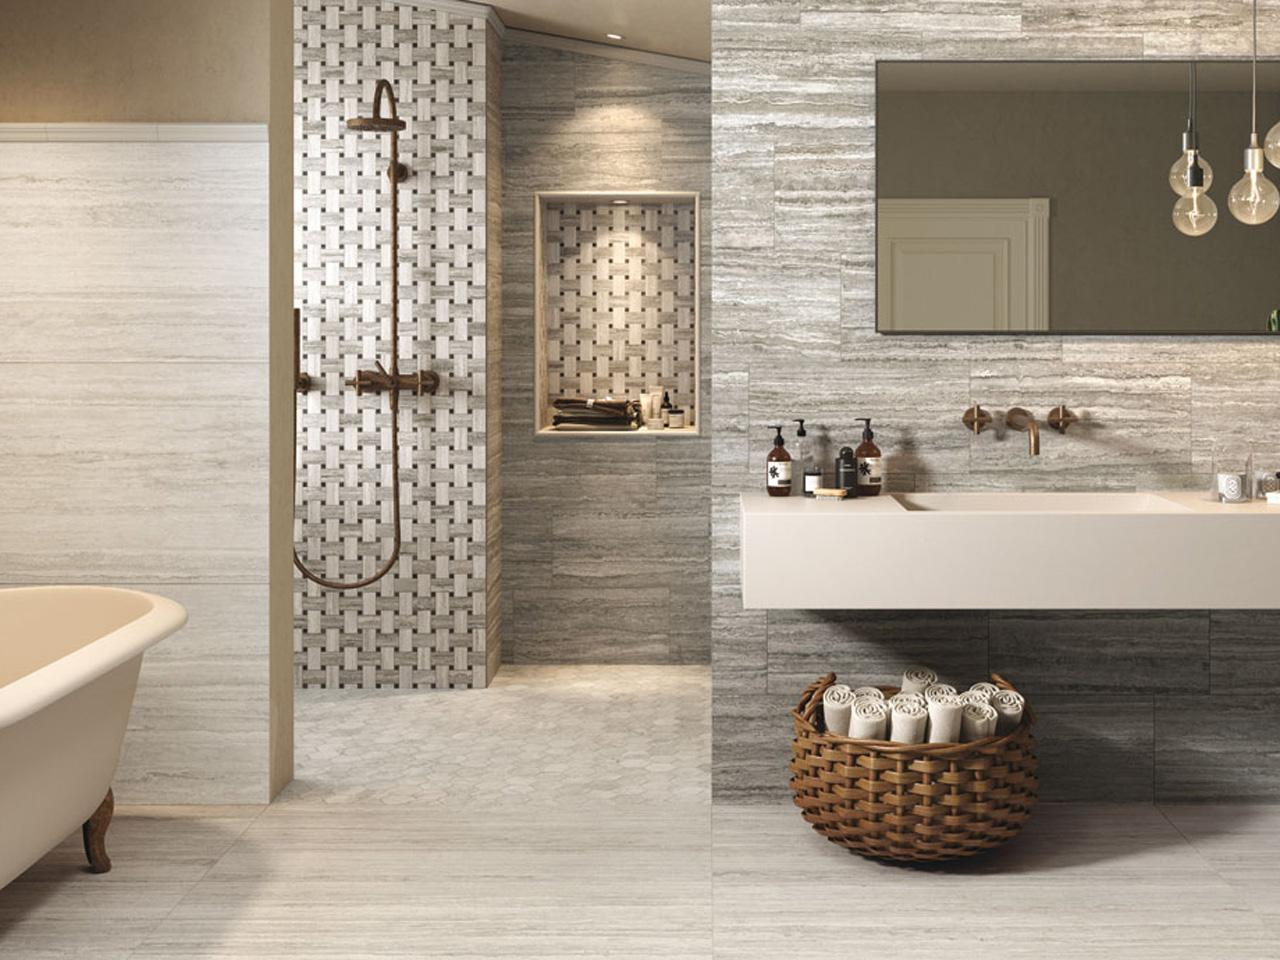 Bagnoidea prodotti e tendenze per arredare il bagno - Bagno arredamento piastrelle ...